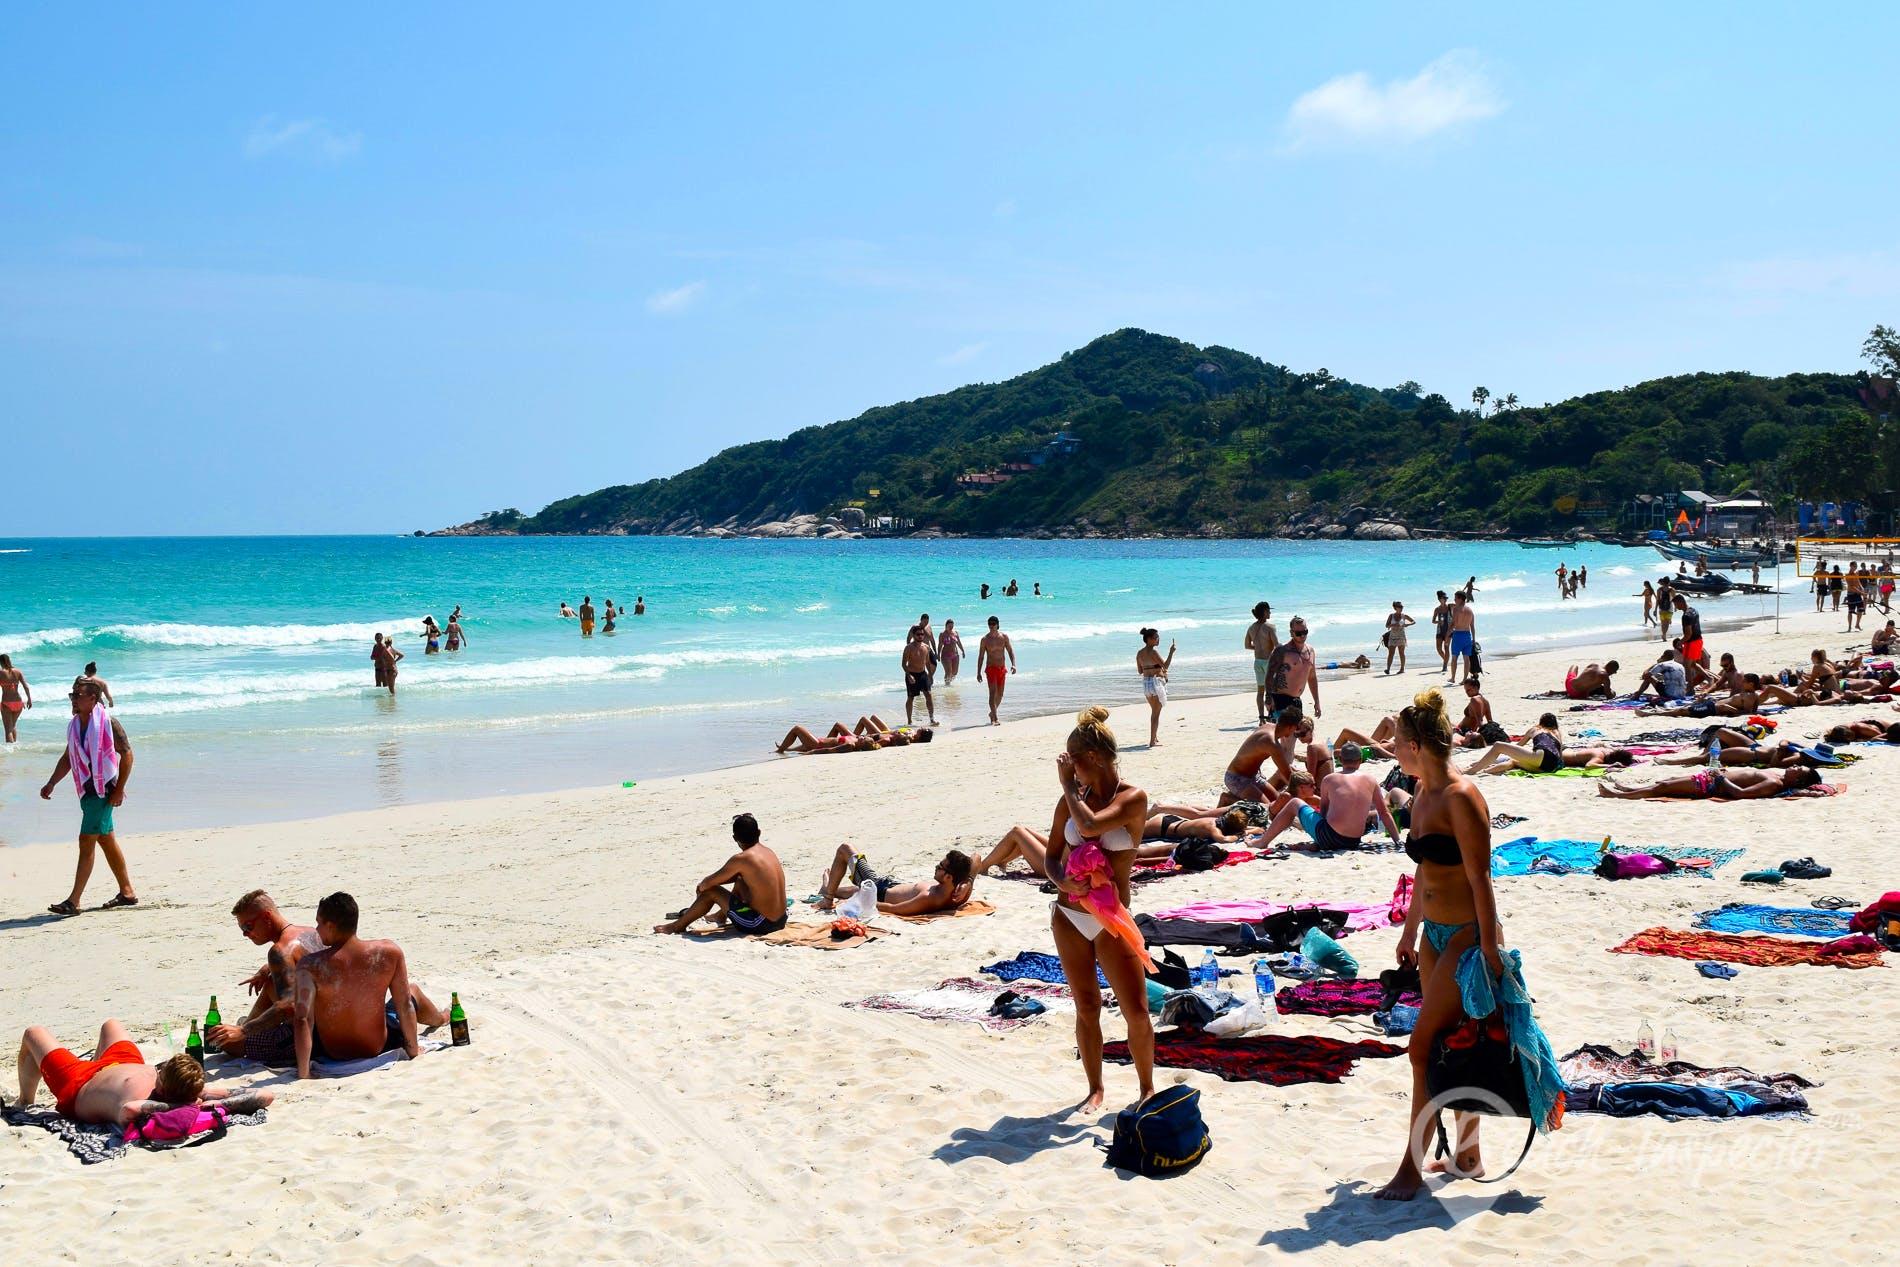 Beach Haad Rin Beach, Koh Phangan, Thailand